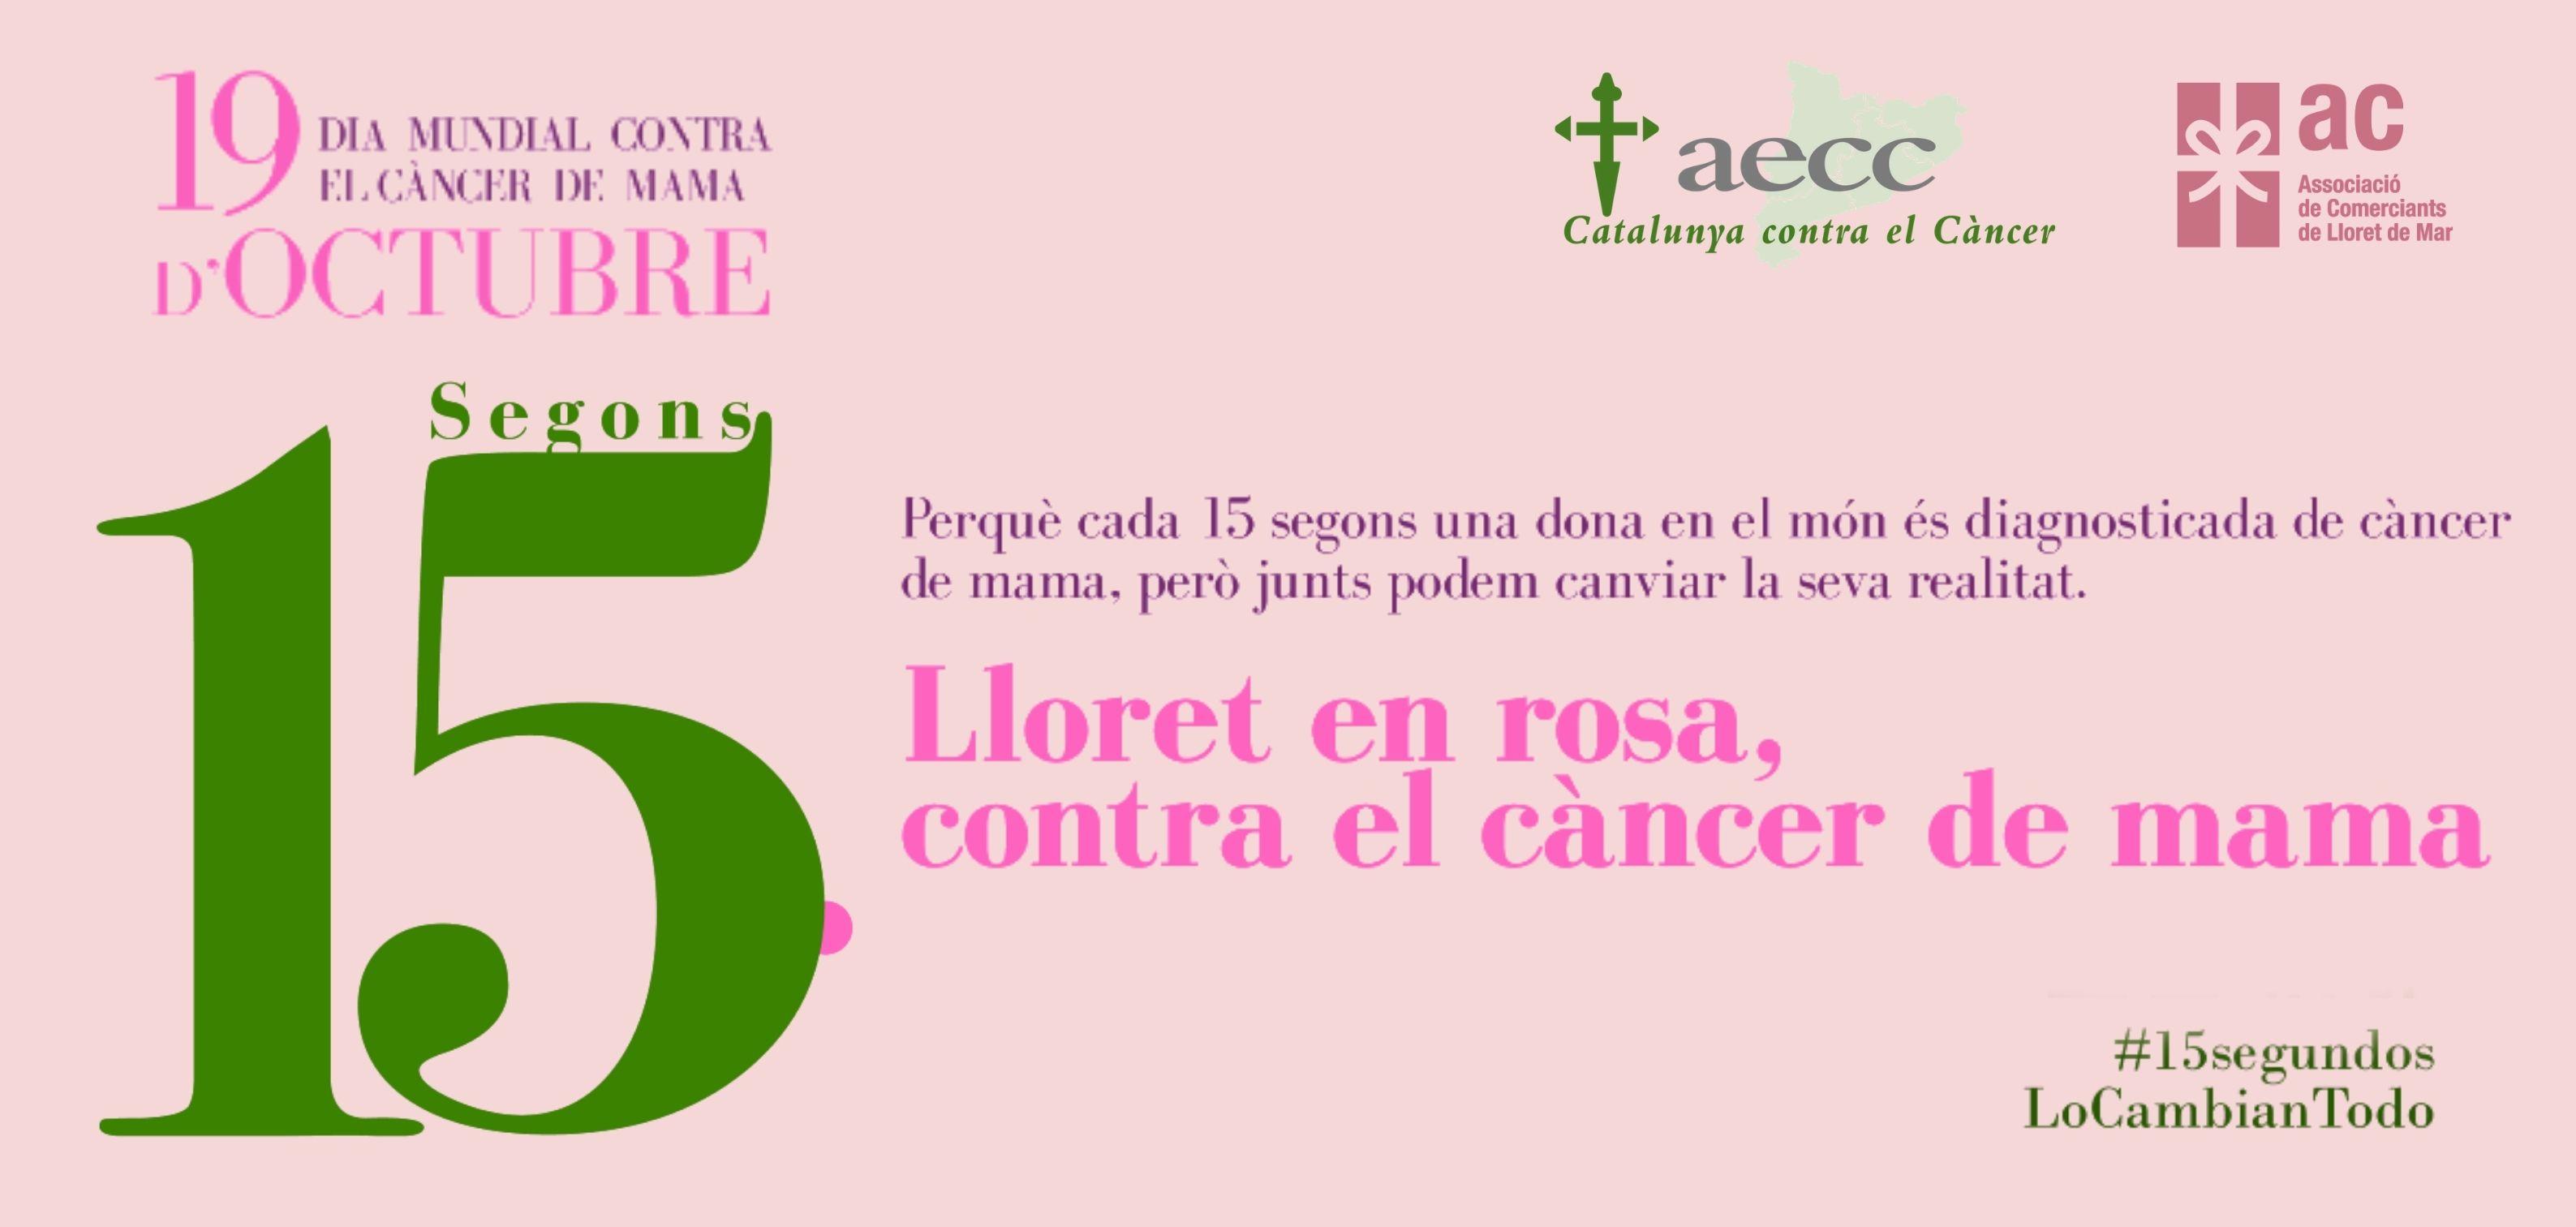 Lloret en Rosa, contra el càncer de mama